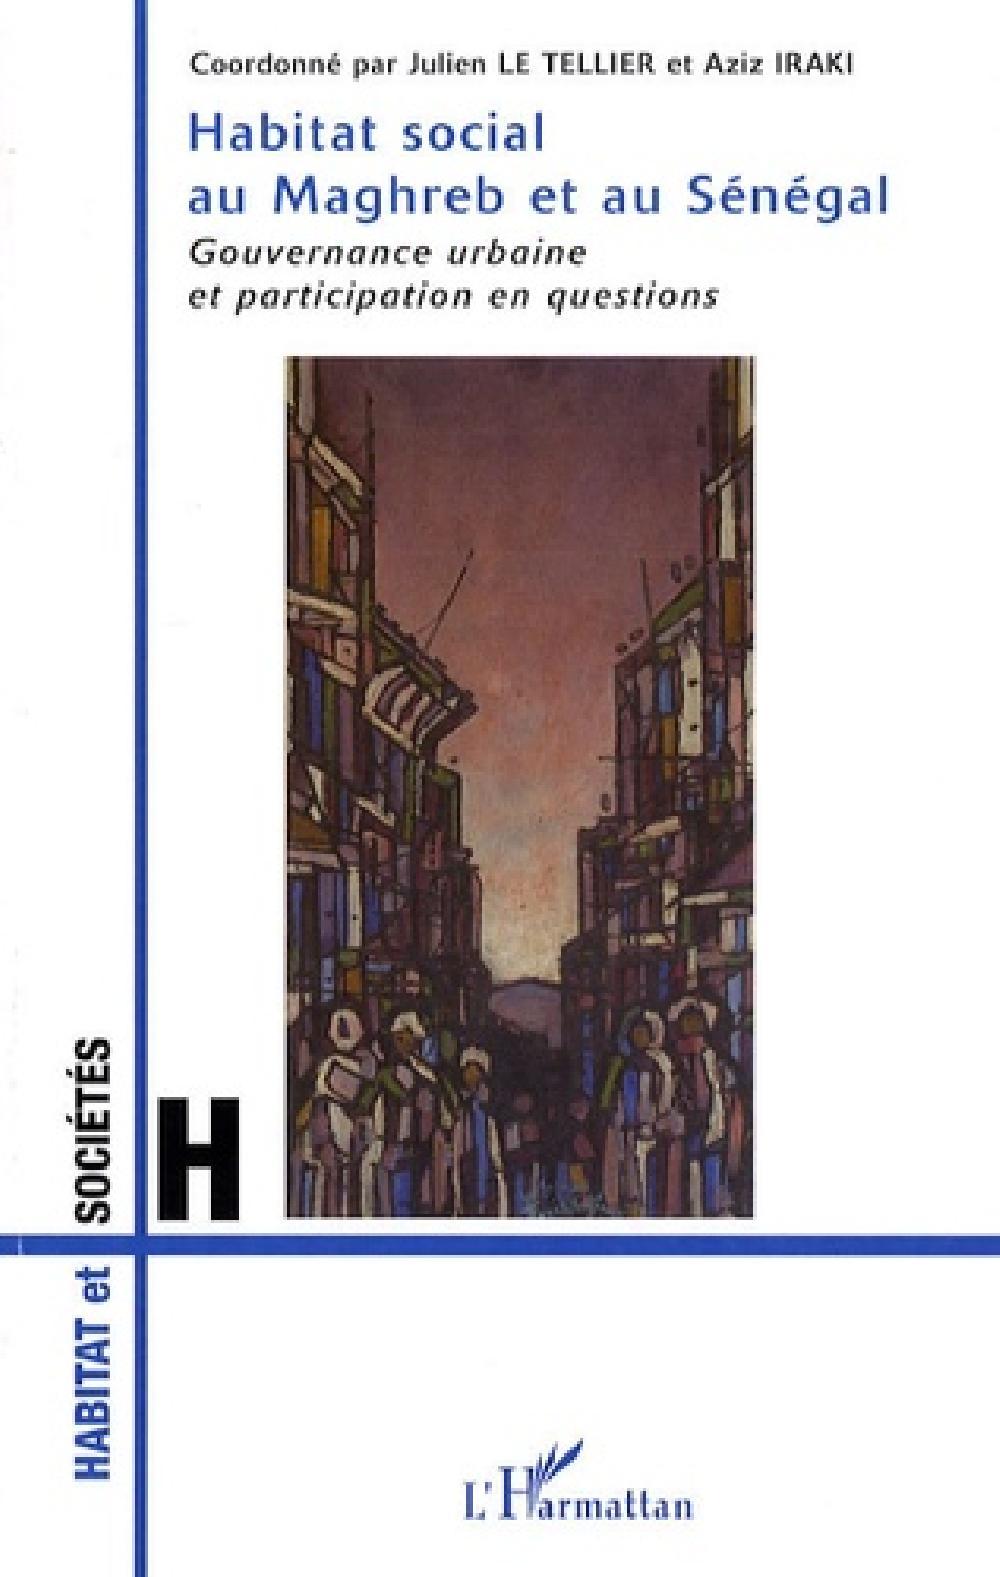 Habitat social au Maghreb et au Sénégal